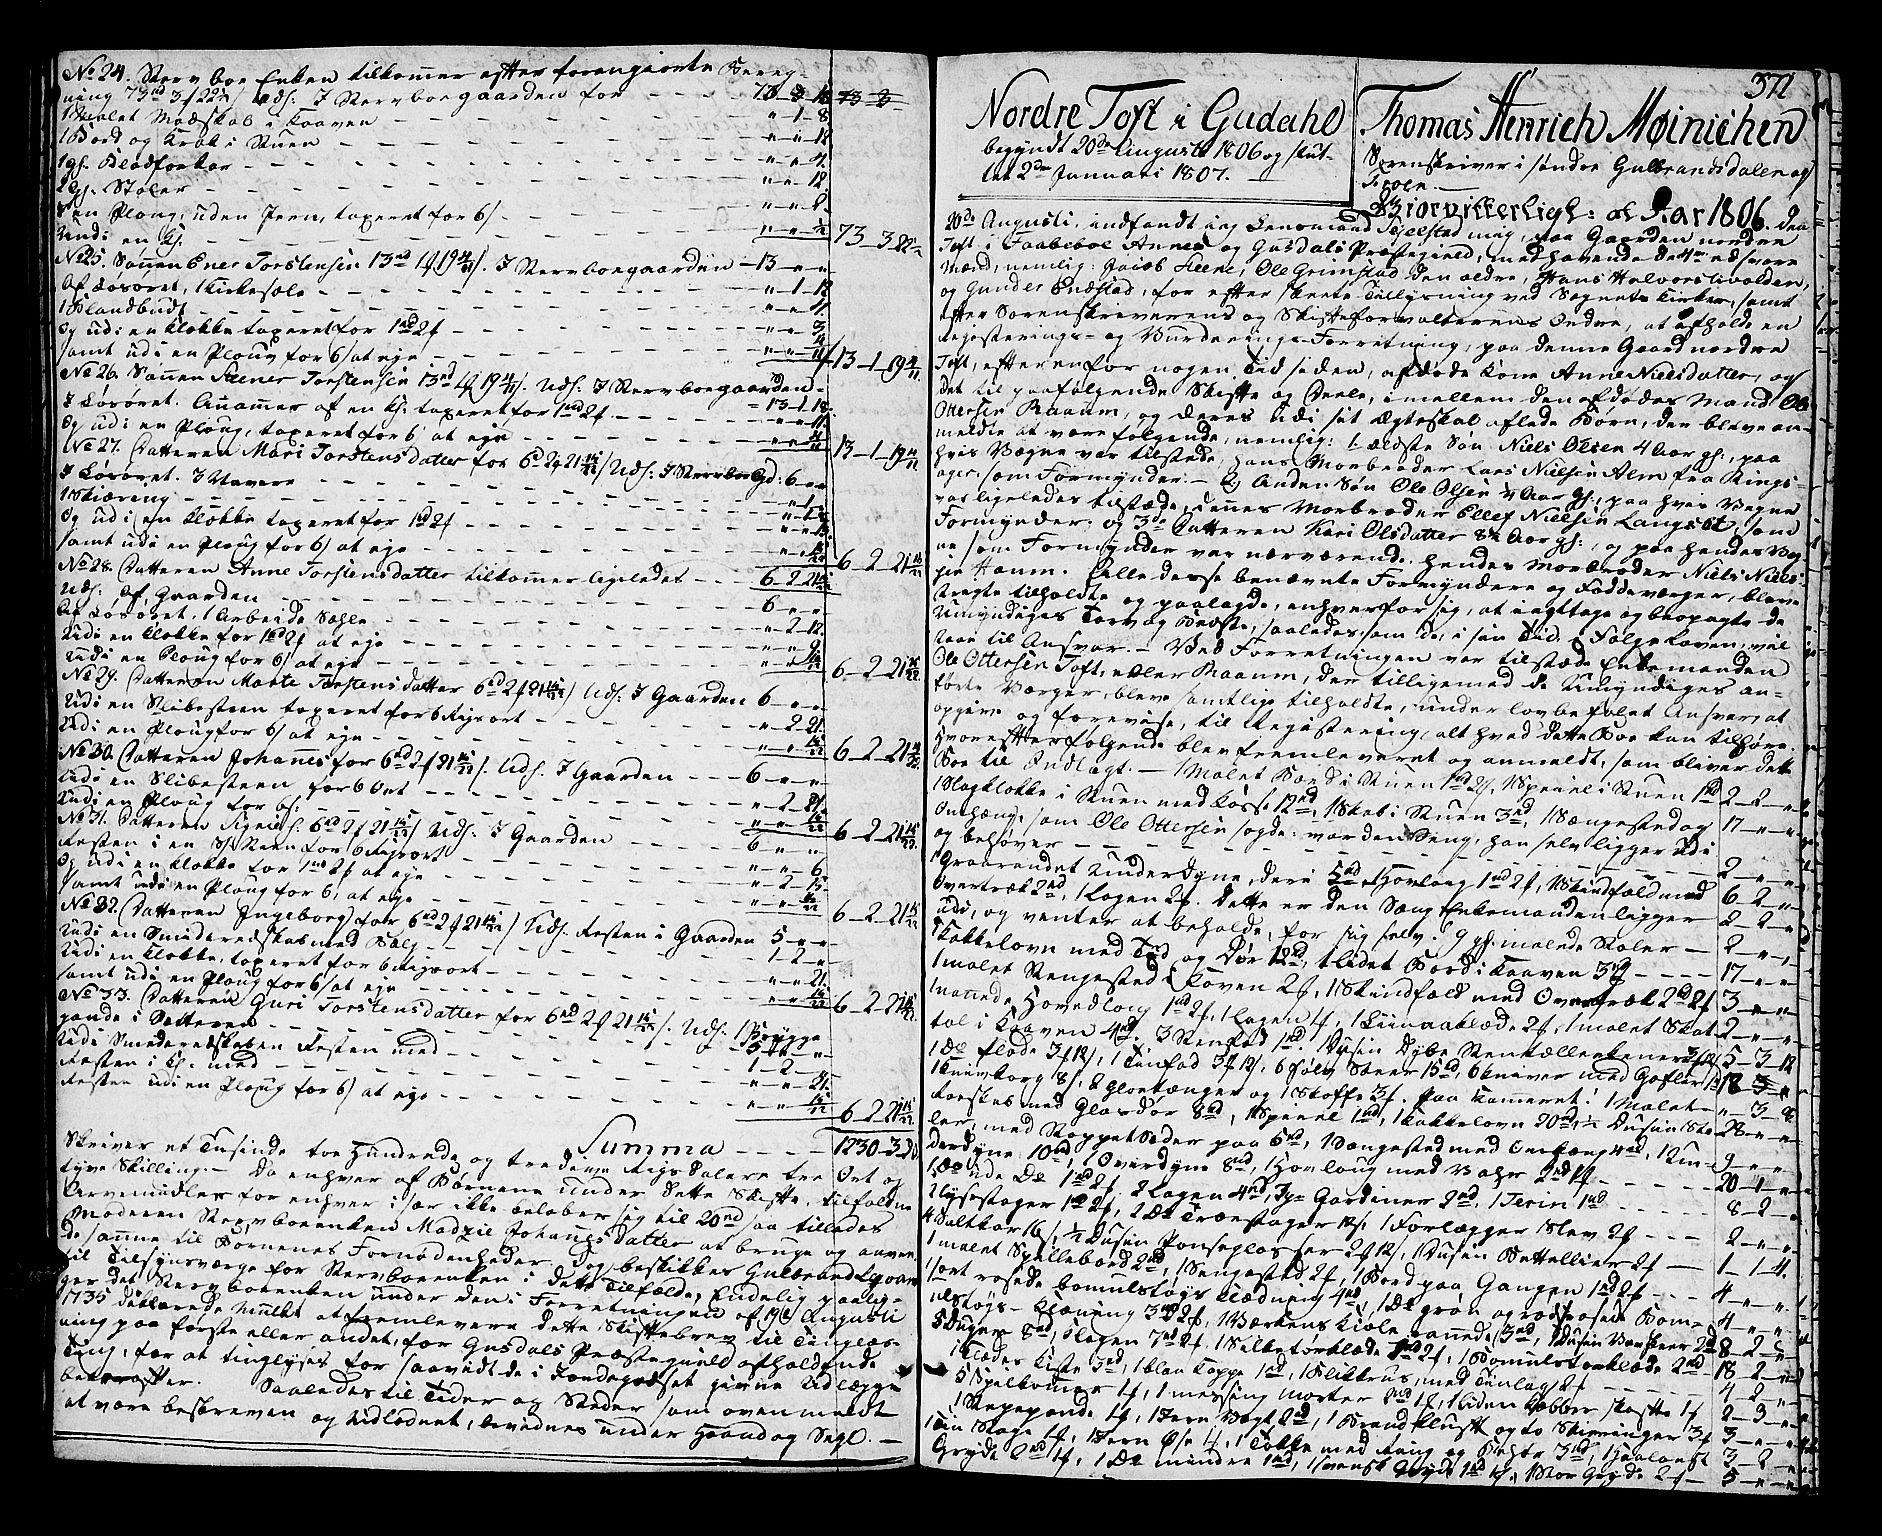 SAH, Sør-Gudbrandsdal tingrett, J/Ja/Jaa/L0008: Skifteprotokoll, 1800-1809, s. 370b-371a